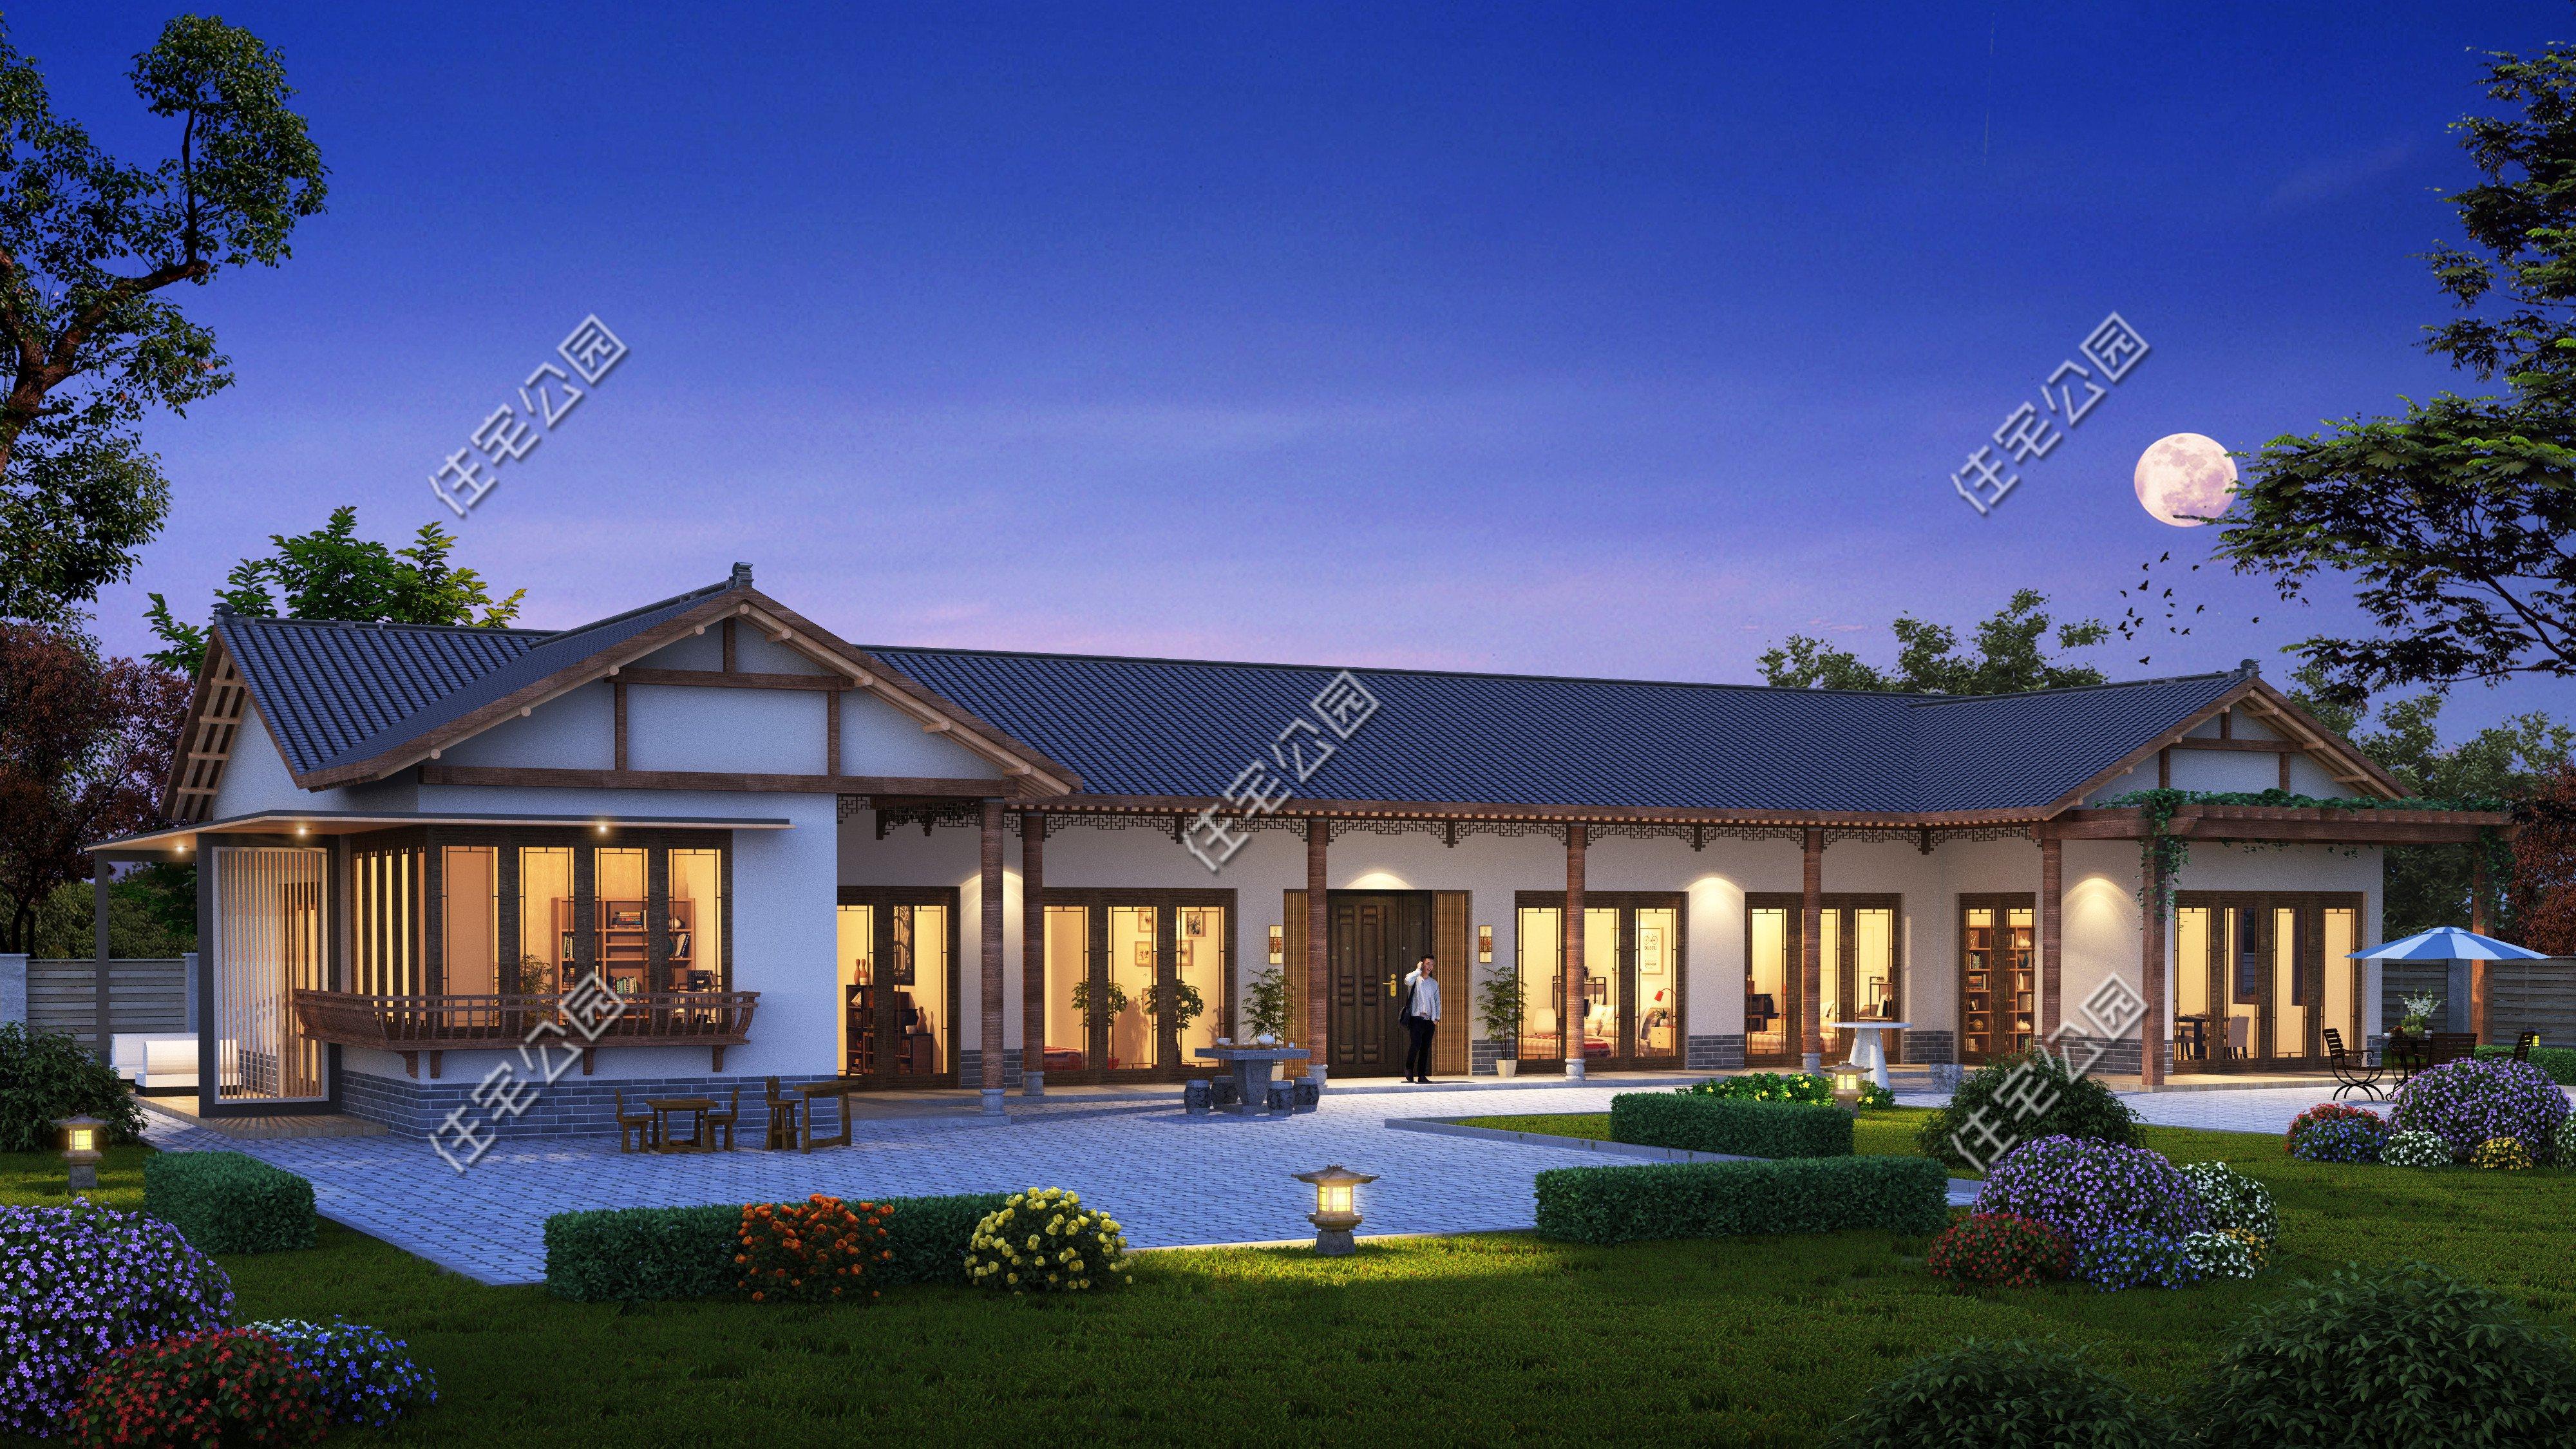 8套农村房屋设计效果图,堂屋+土灶,生活才更有味道。